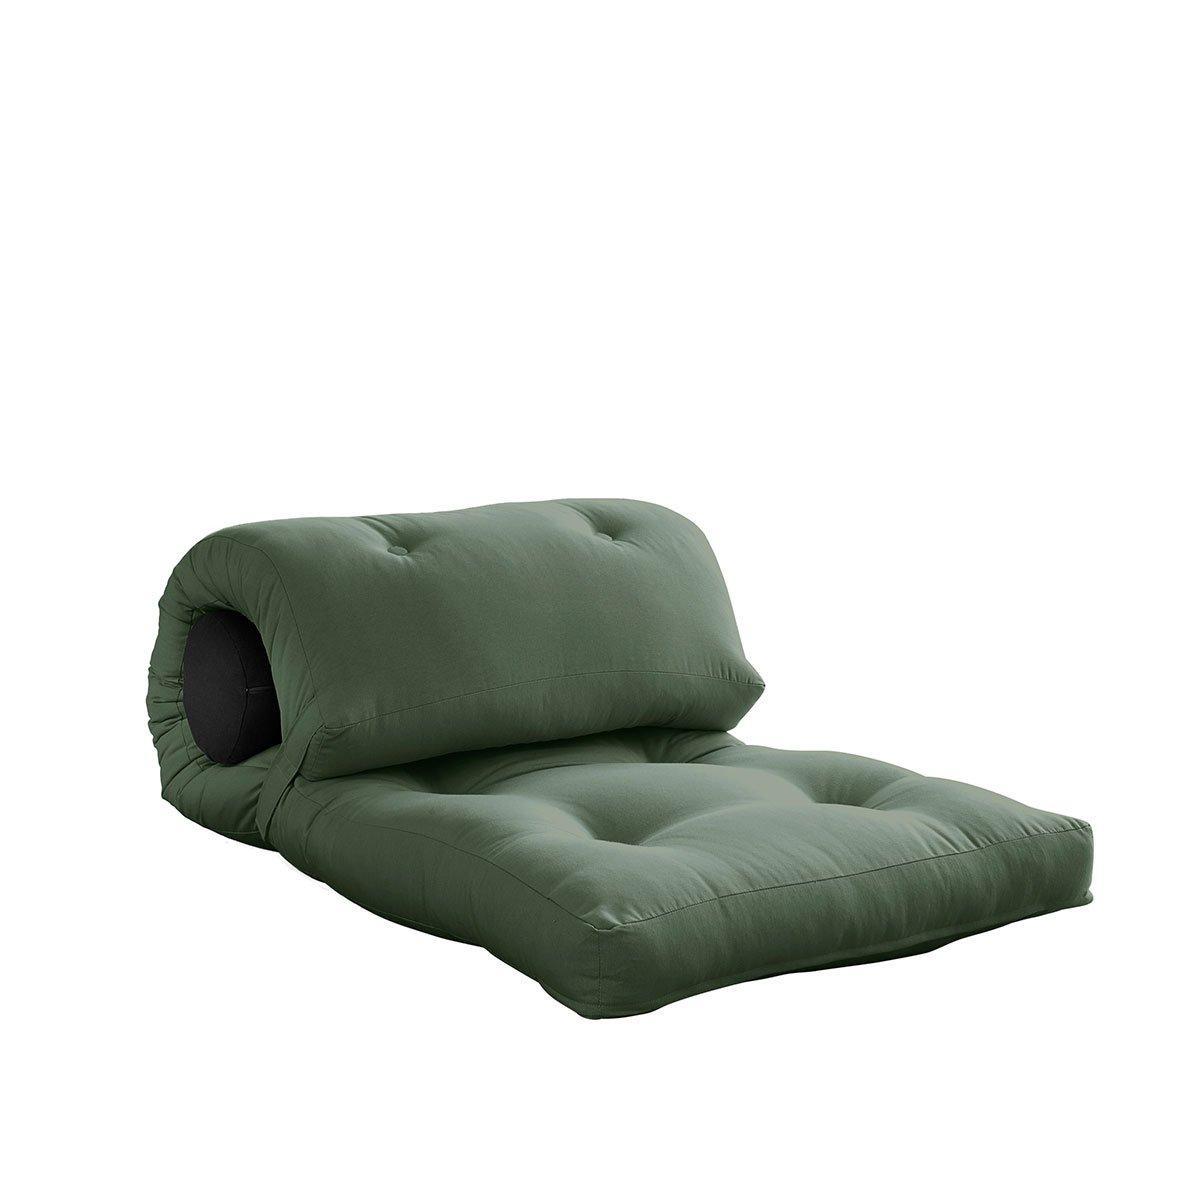 Variabilný matrac Wrap – Olive Green/Dark Grey